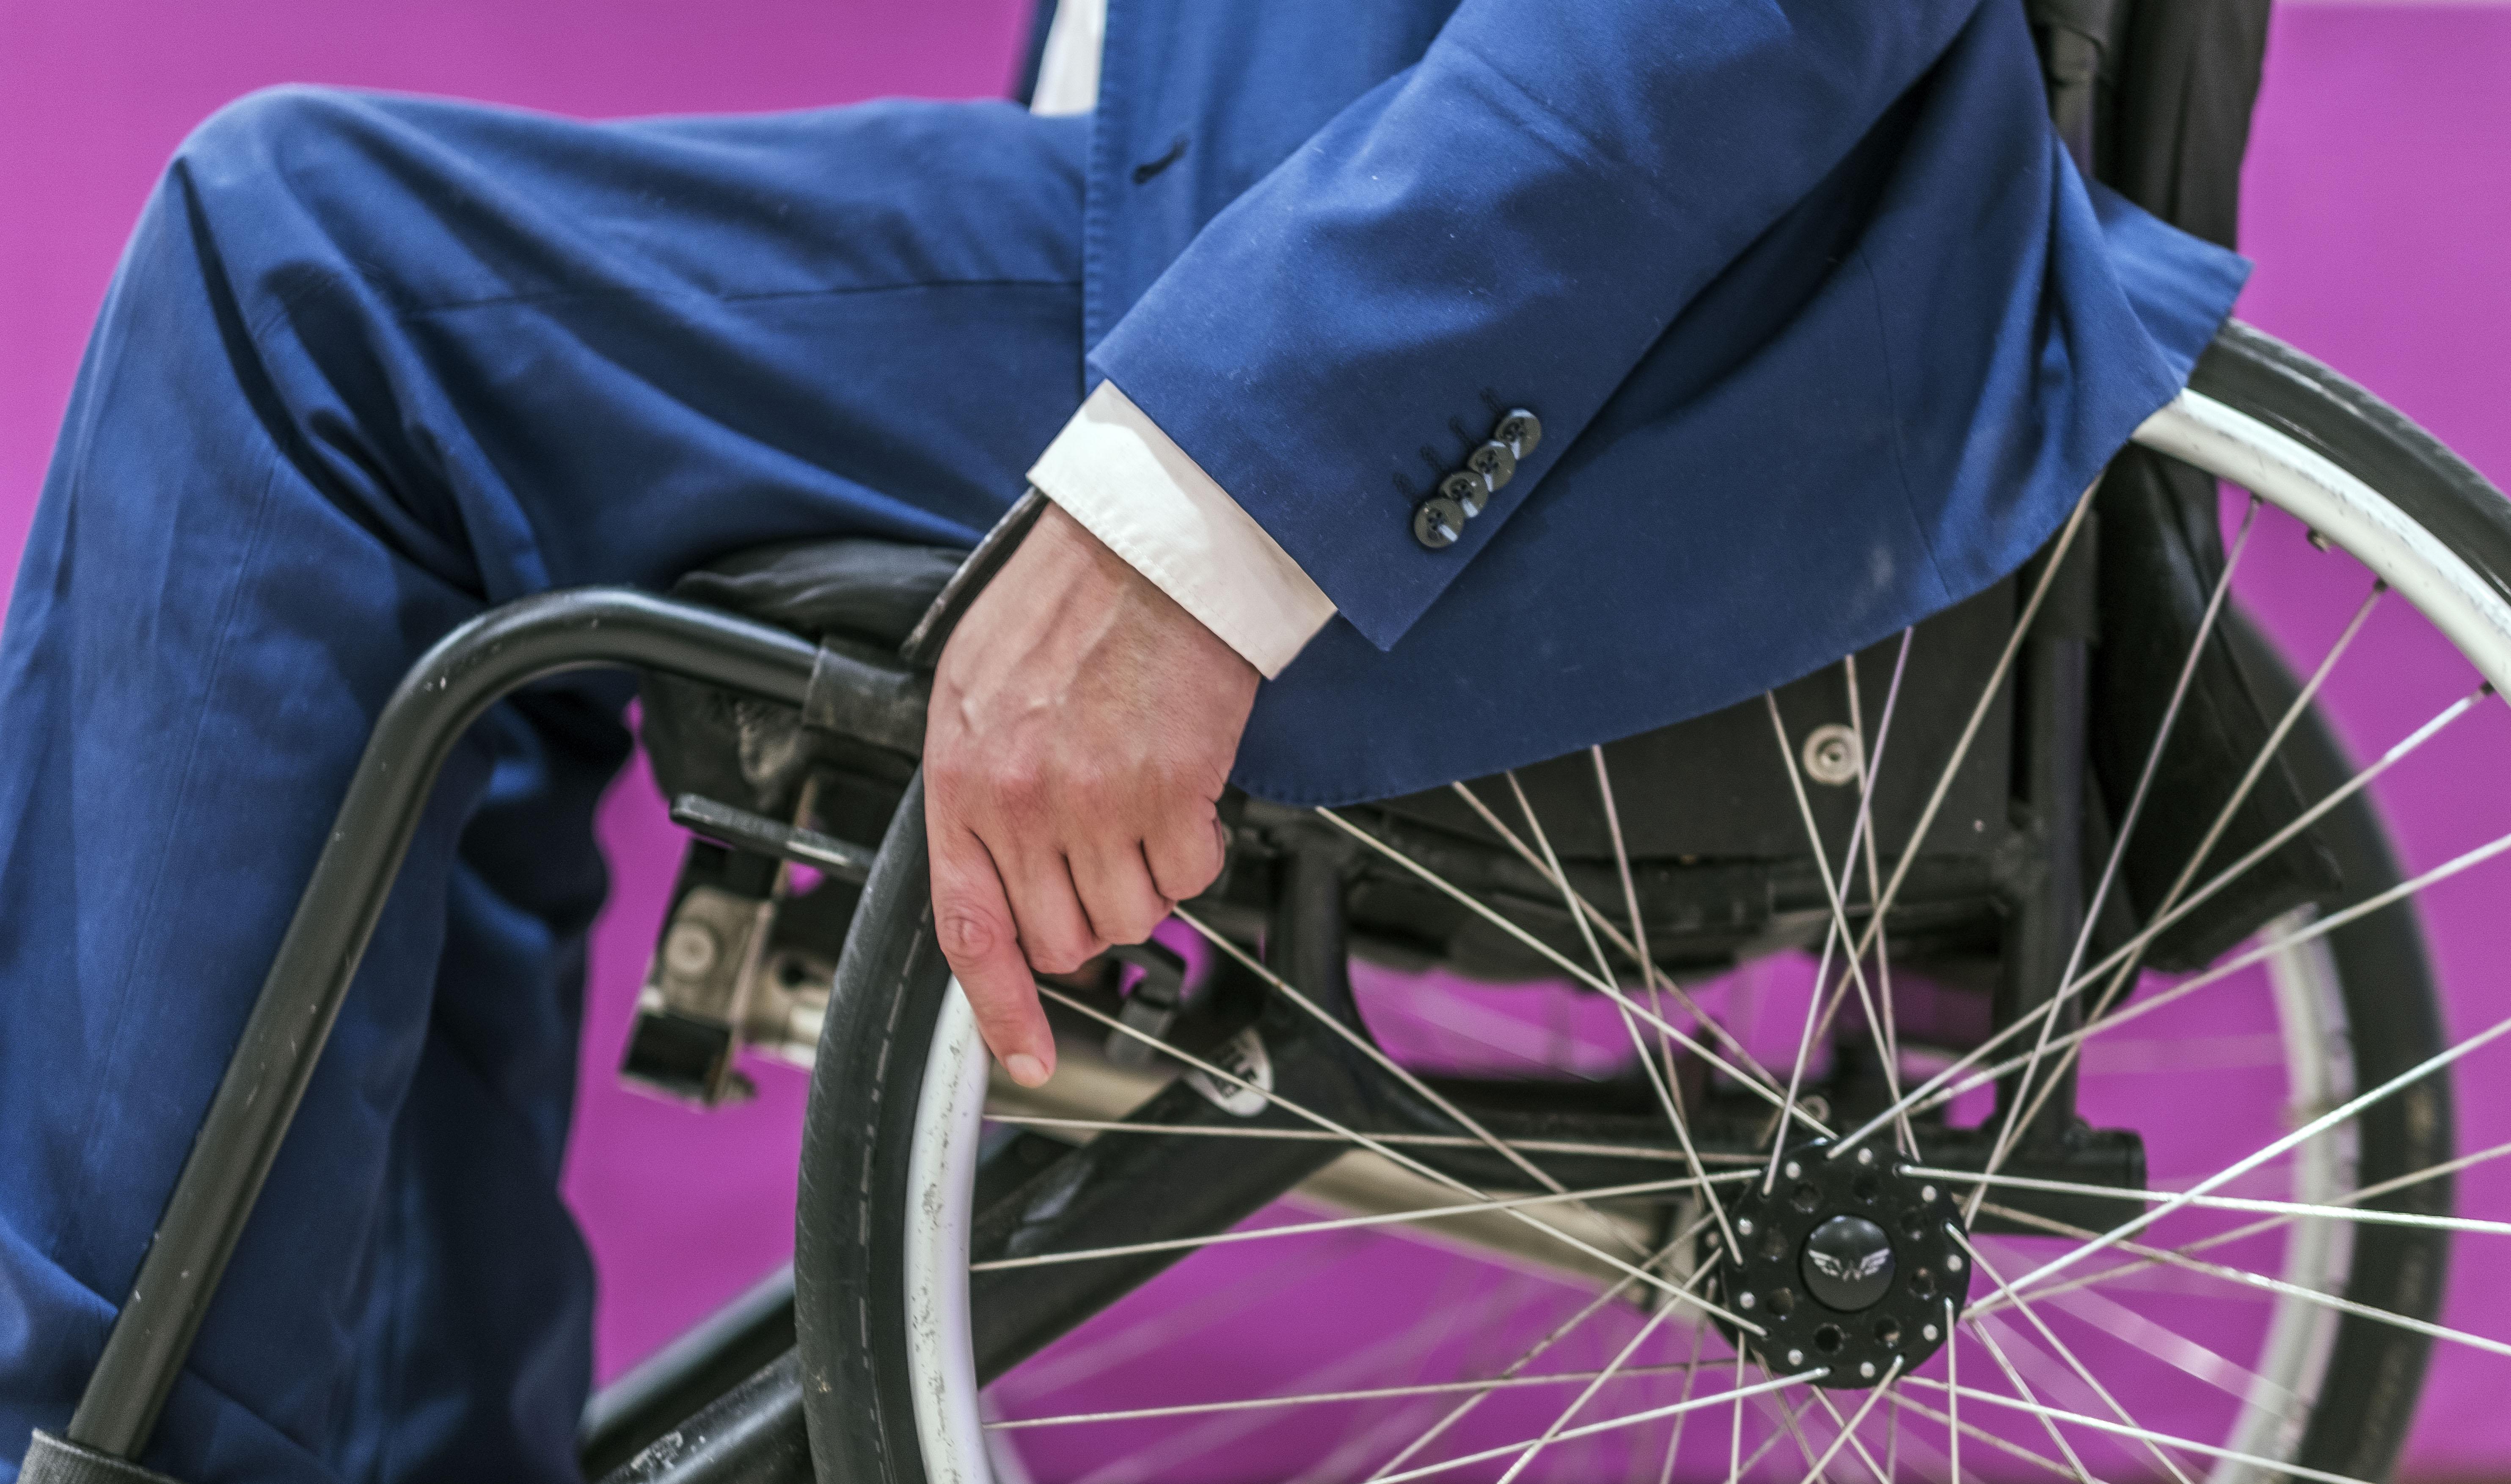 Wijrollen.nl wil mensen met een beperking een eerlijke kans geven op de arbeidsmarkt